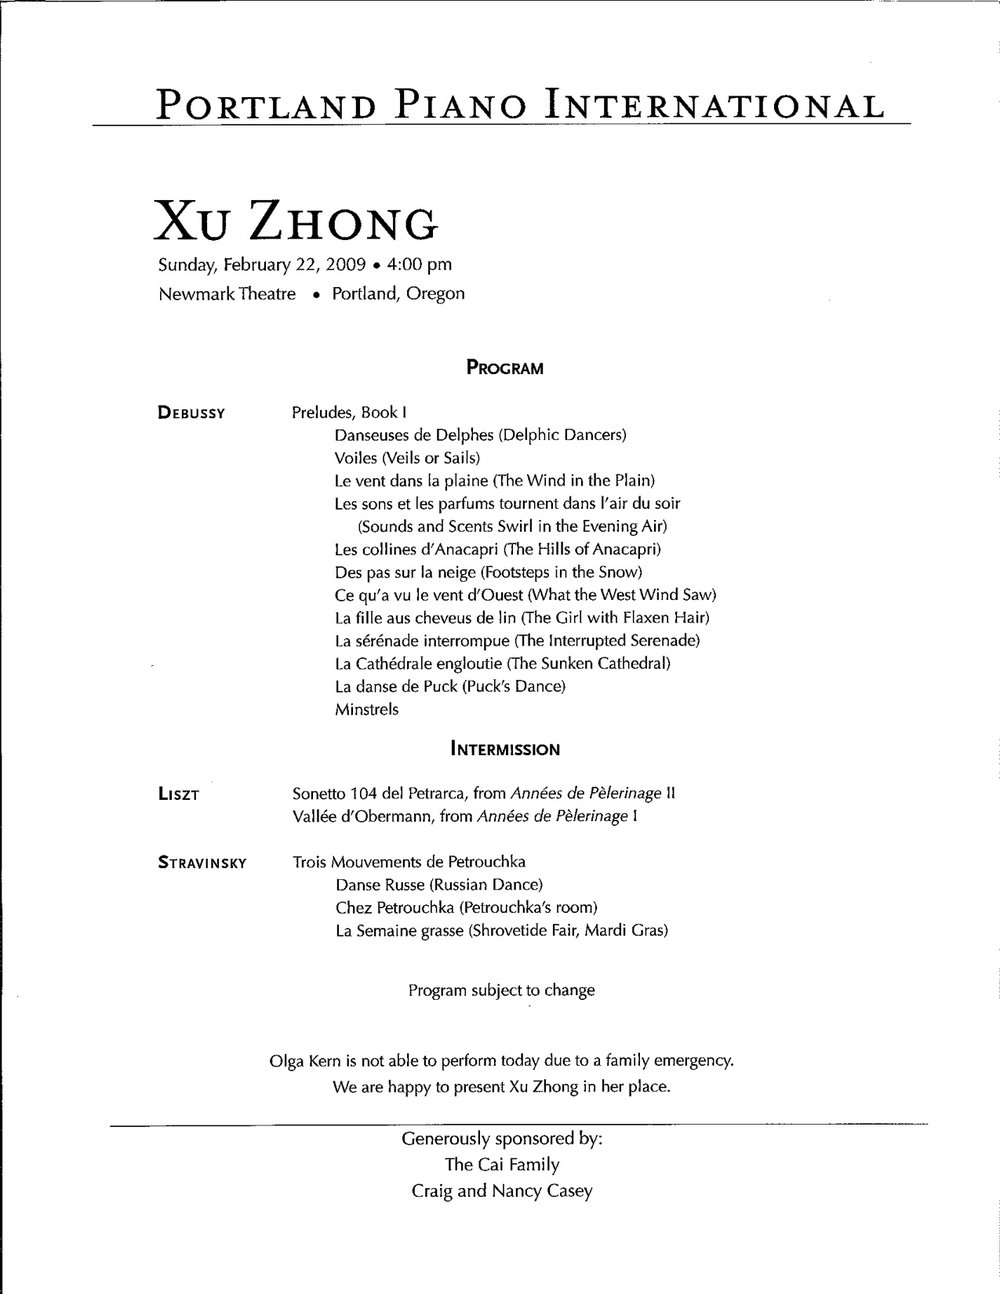 Zhong2.jpg